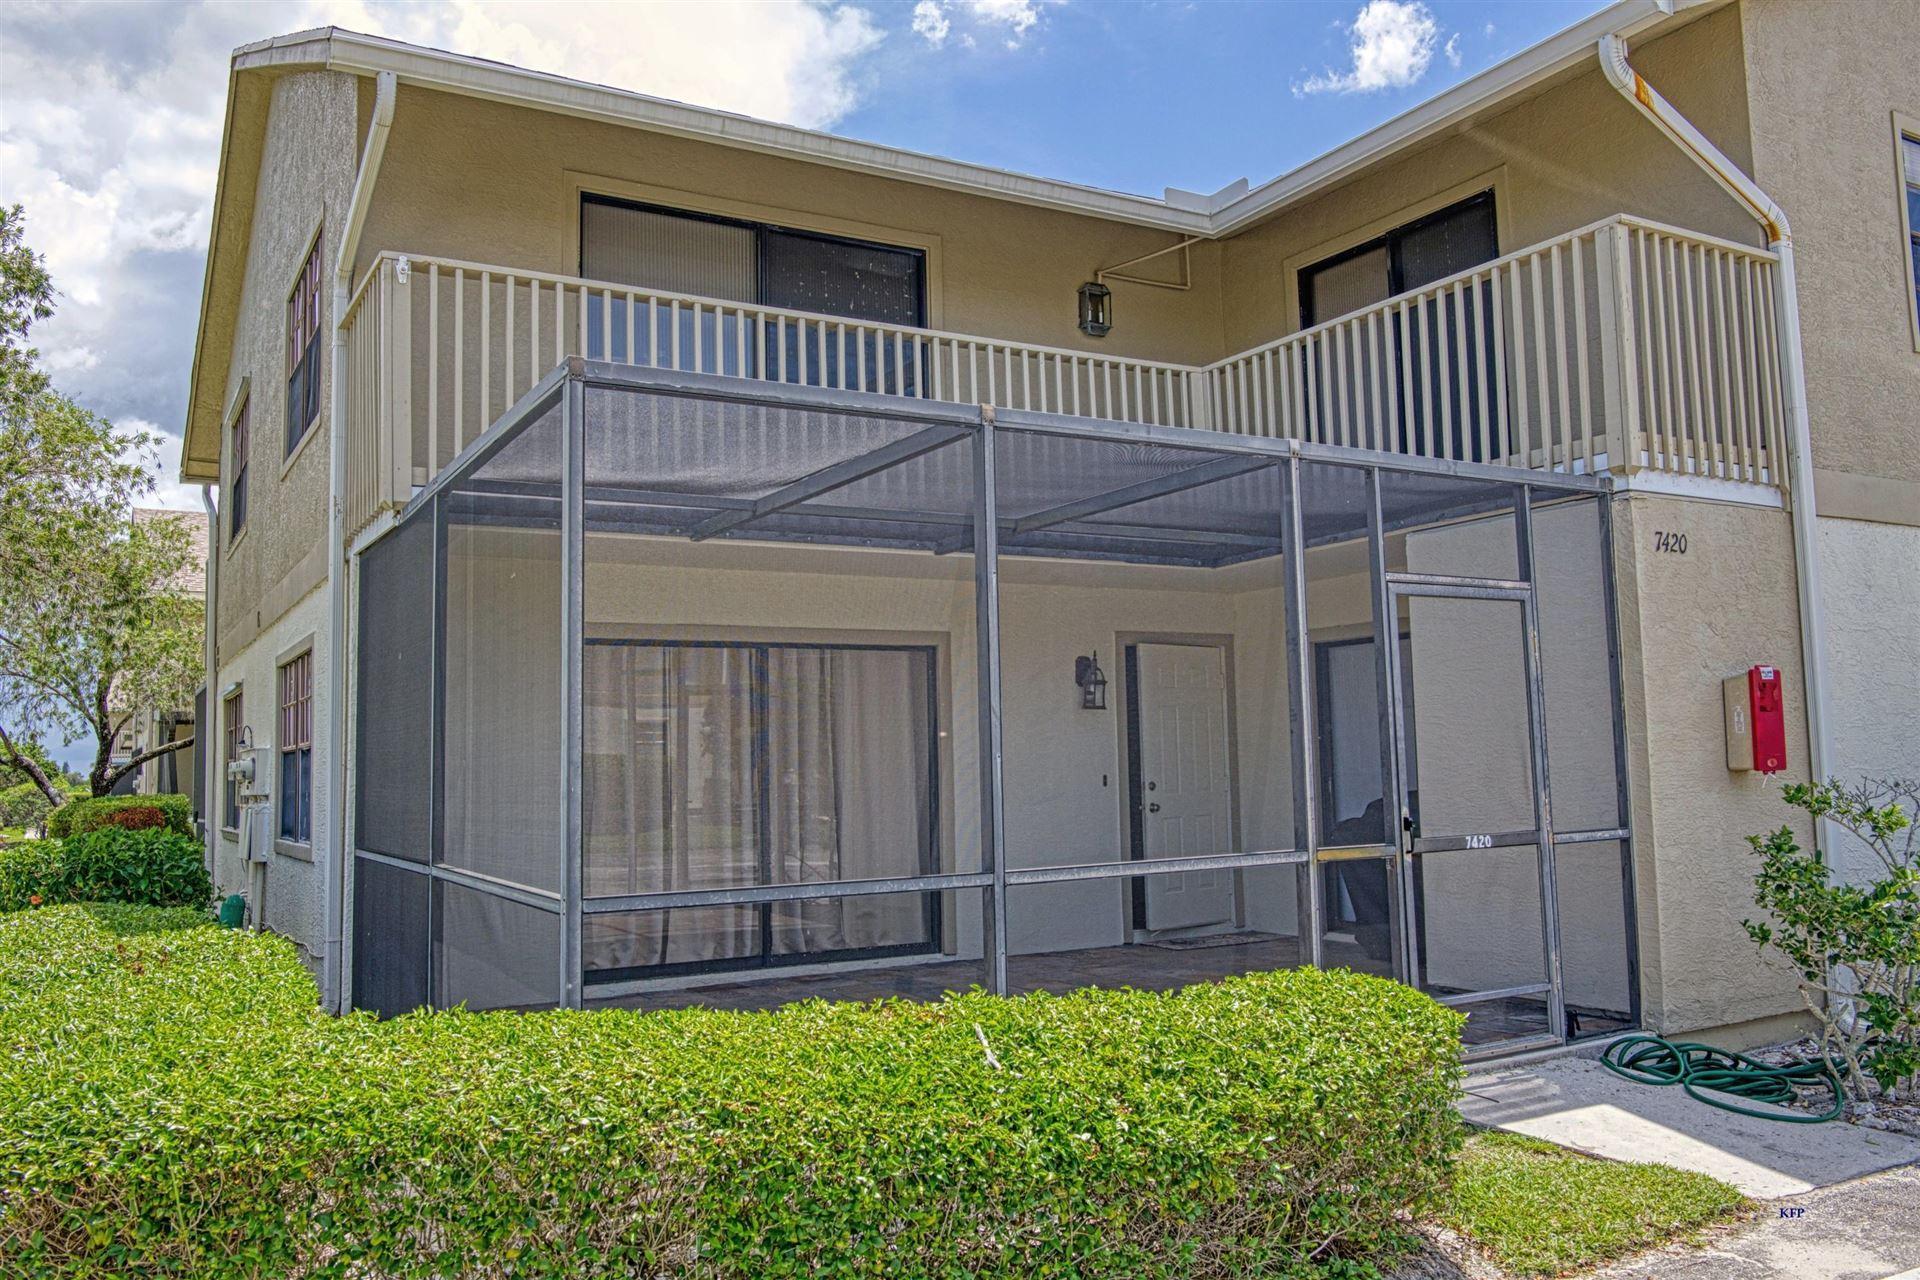 7420 SE Concord Place, Hobe Sound, FL 33455 - #: RX-10645051